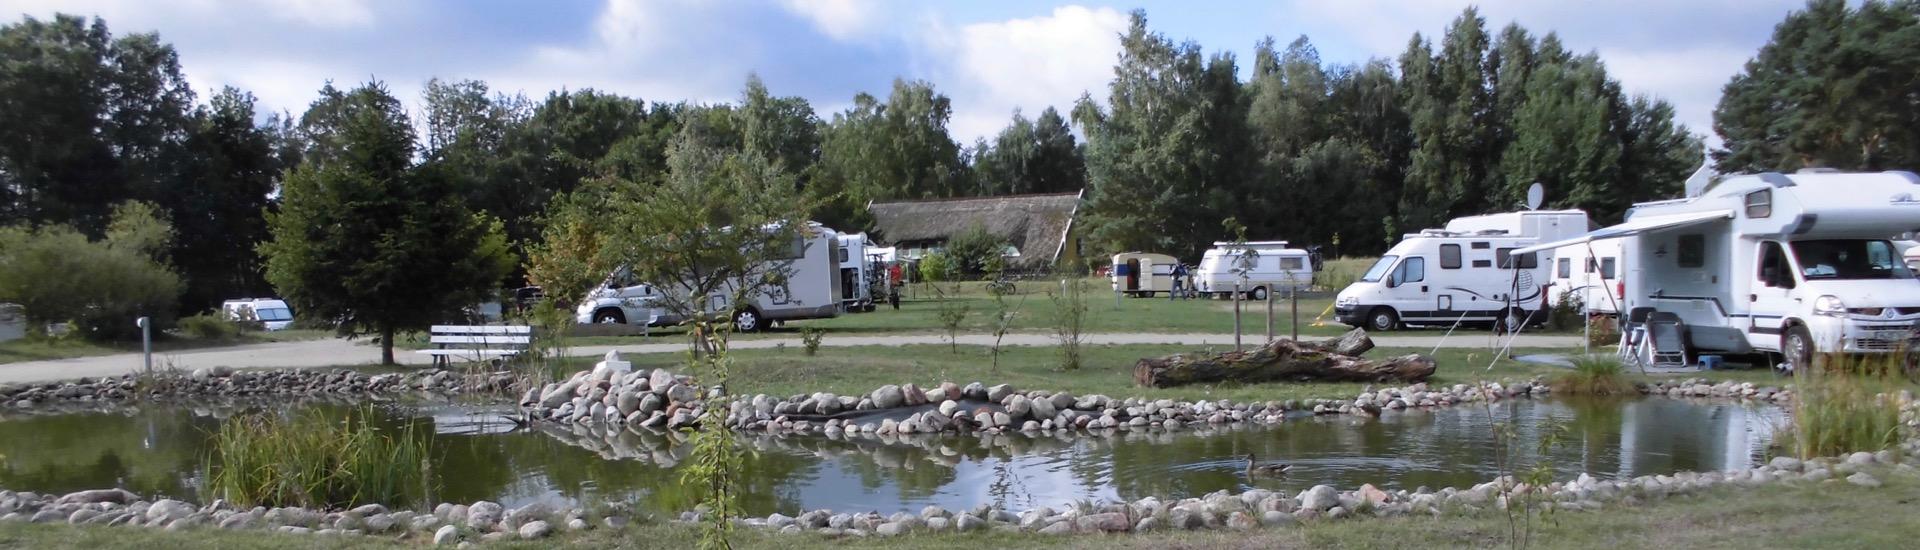 Camping- und Wohnmobilpark Kamerun